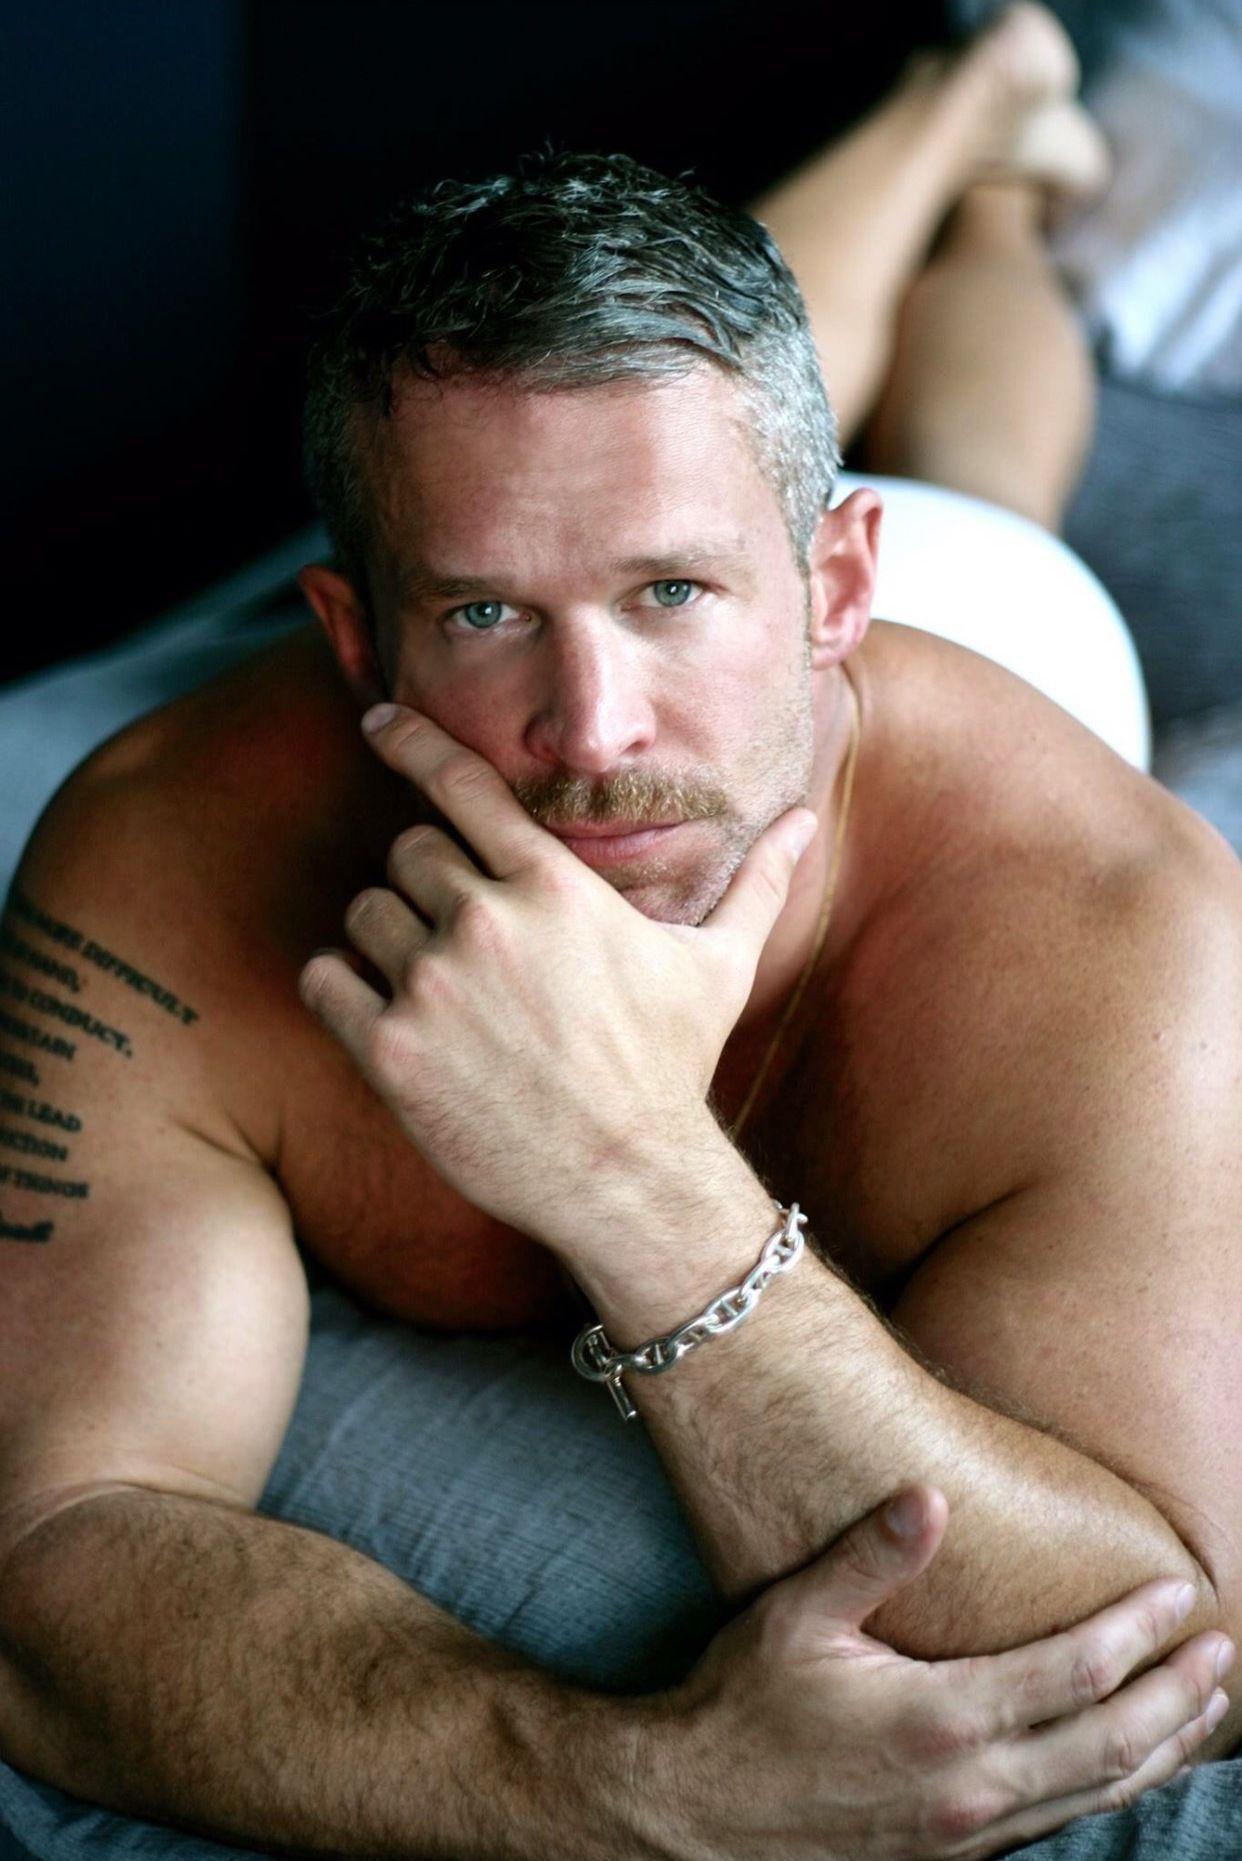 Mature Men Gay Tumblr